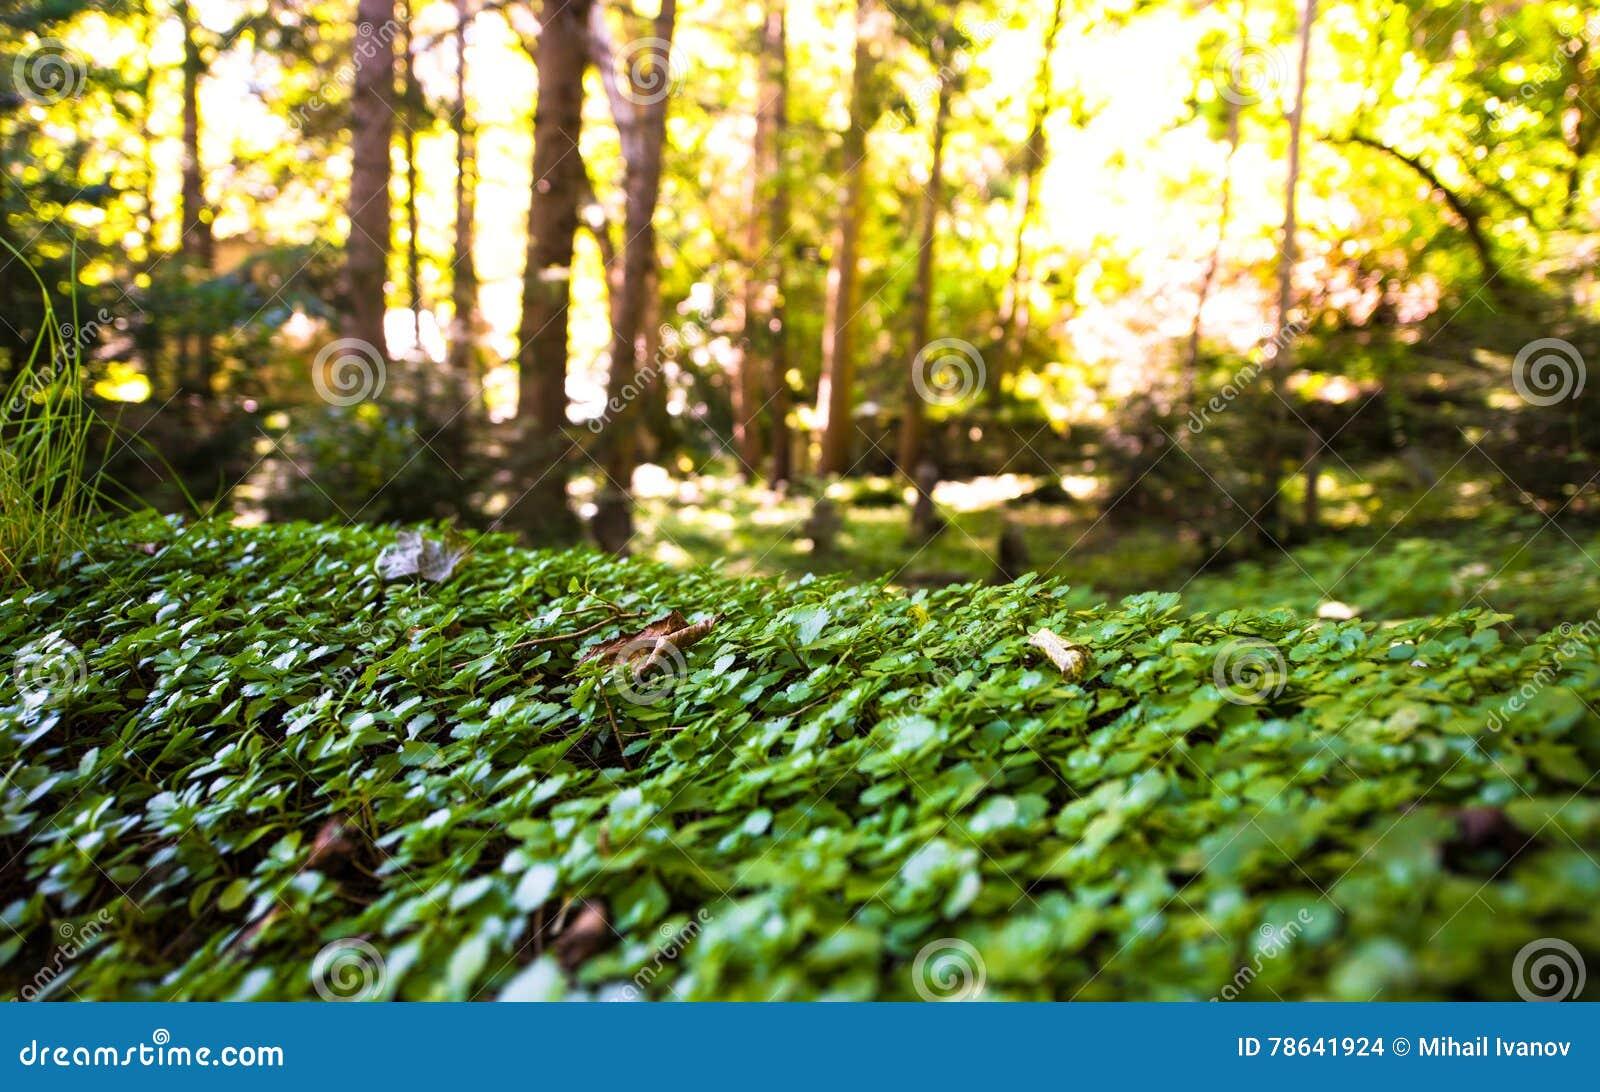 Мистический заколдованный лес